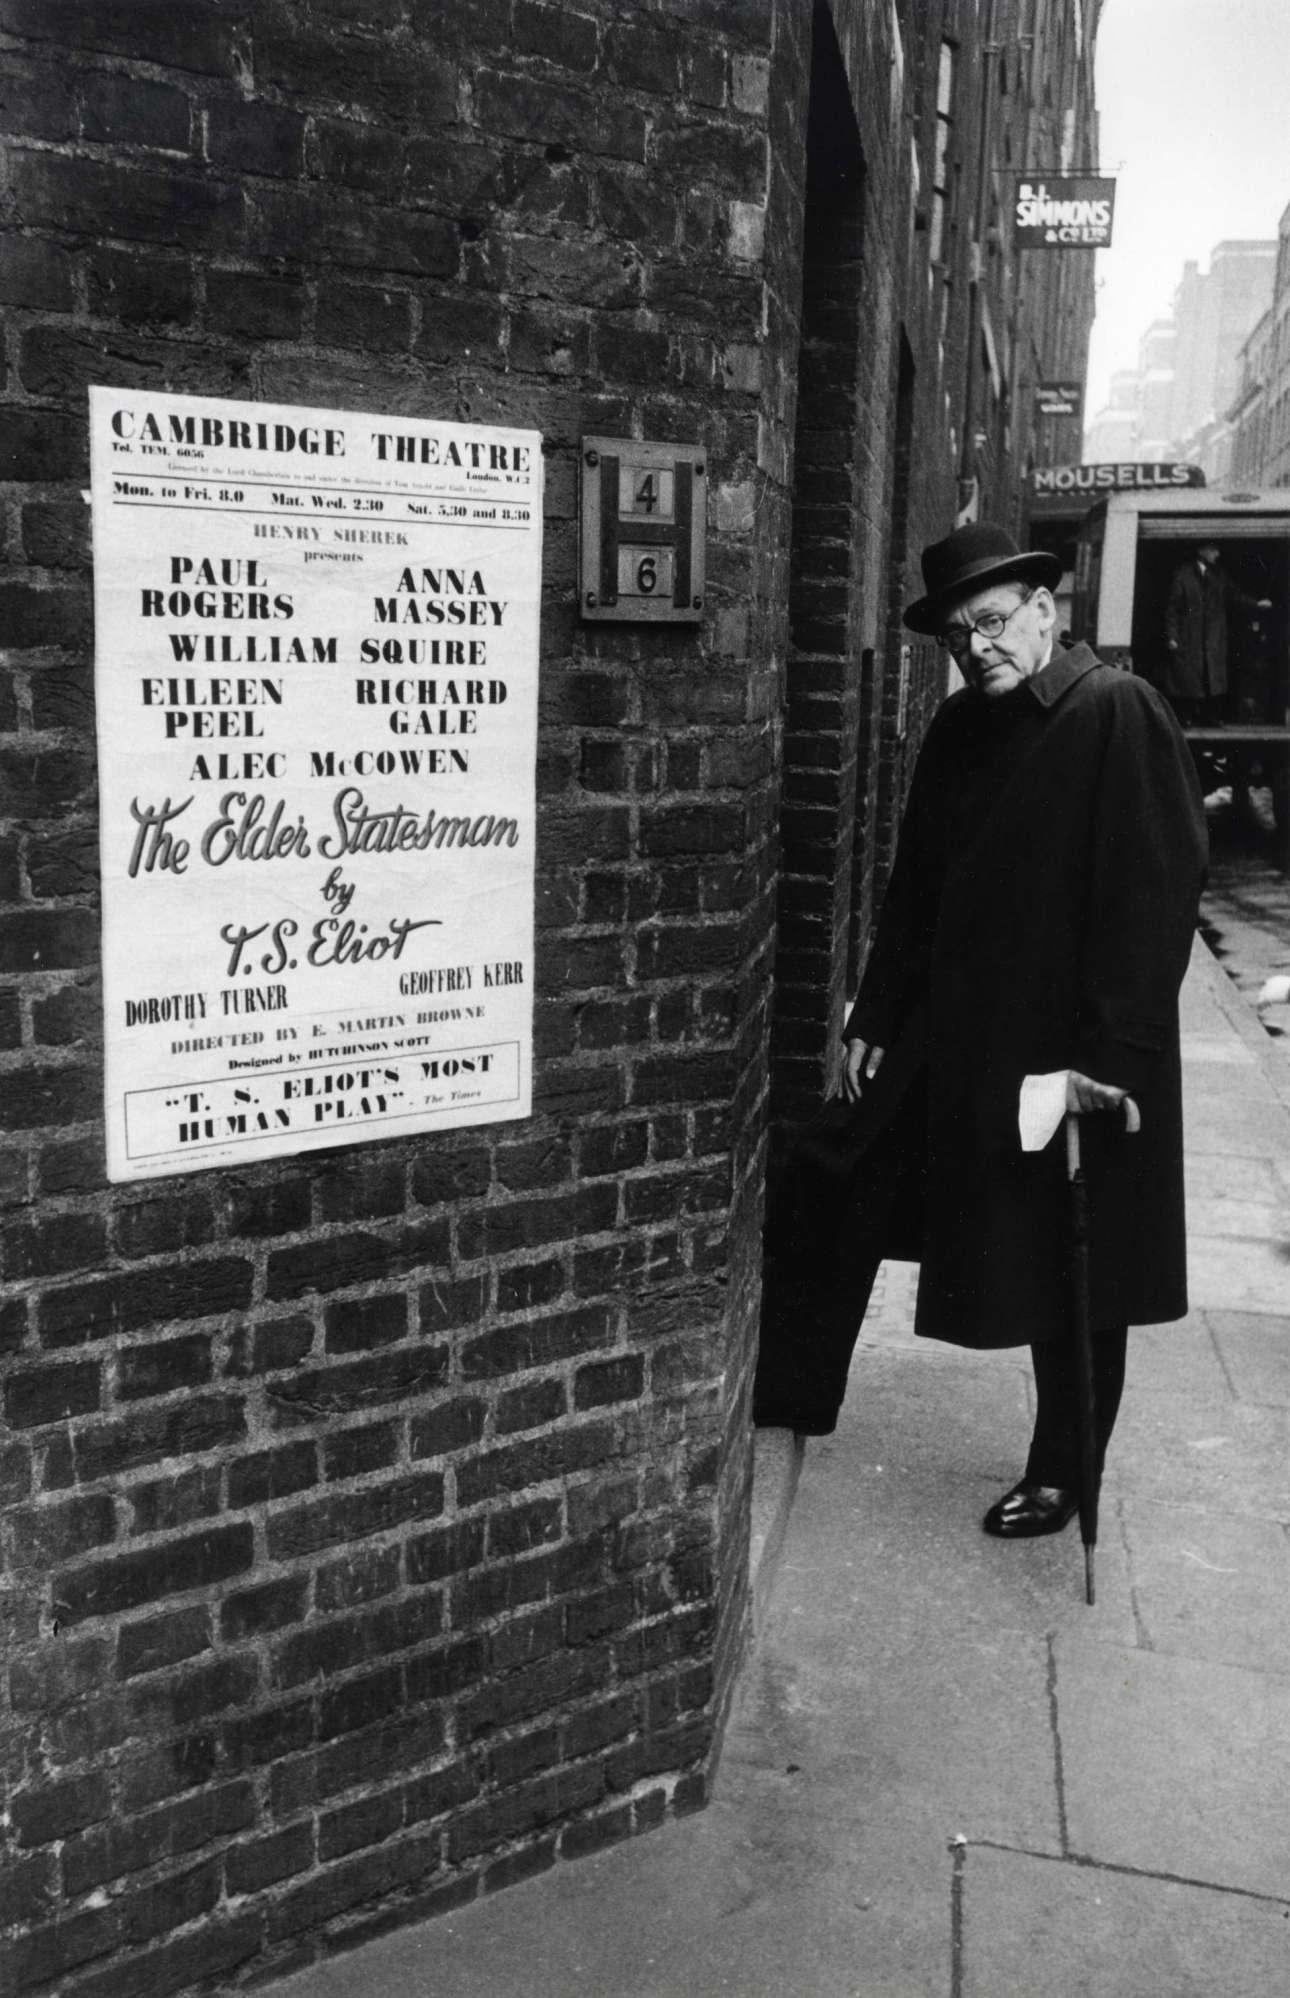 Ο ποιητής Τ.Σ. Ελιοτ έξω από το Θέατρο Κέιμπριτζ του Λονδίνου, όπου είχε ανέβει το έργο του «The Elder Statesman»